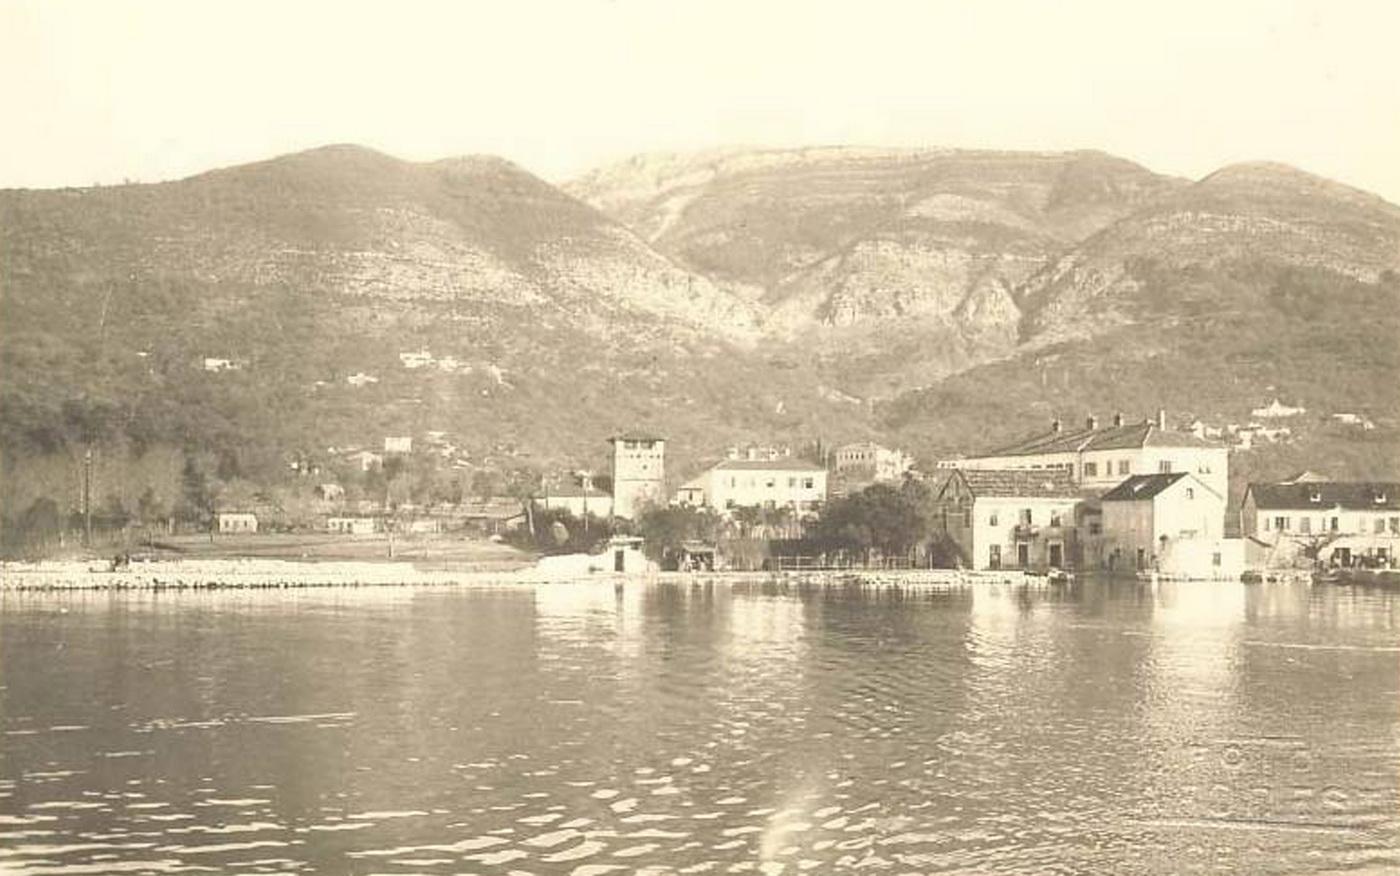 Nekadašnji izgled ljetnjikovca Buća-Luković u Tivtu